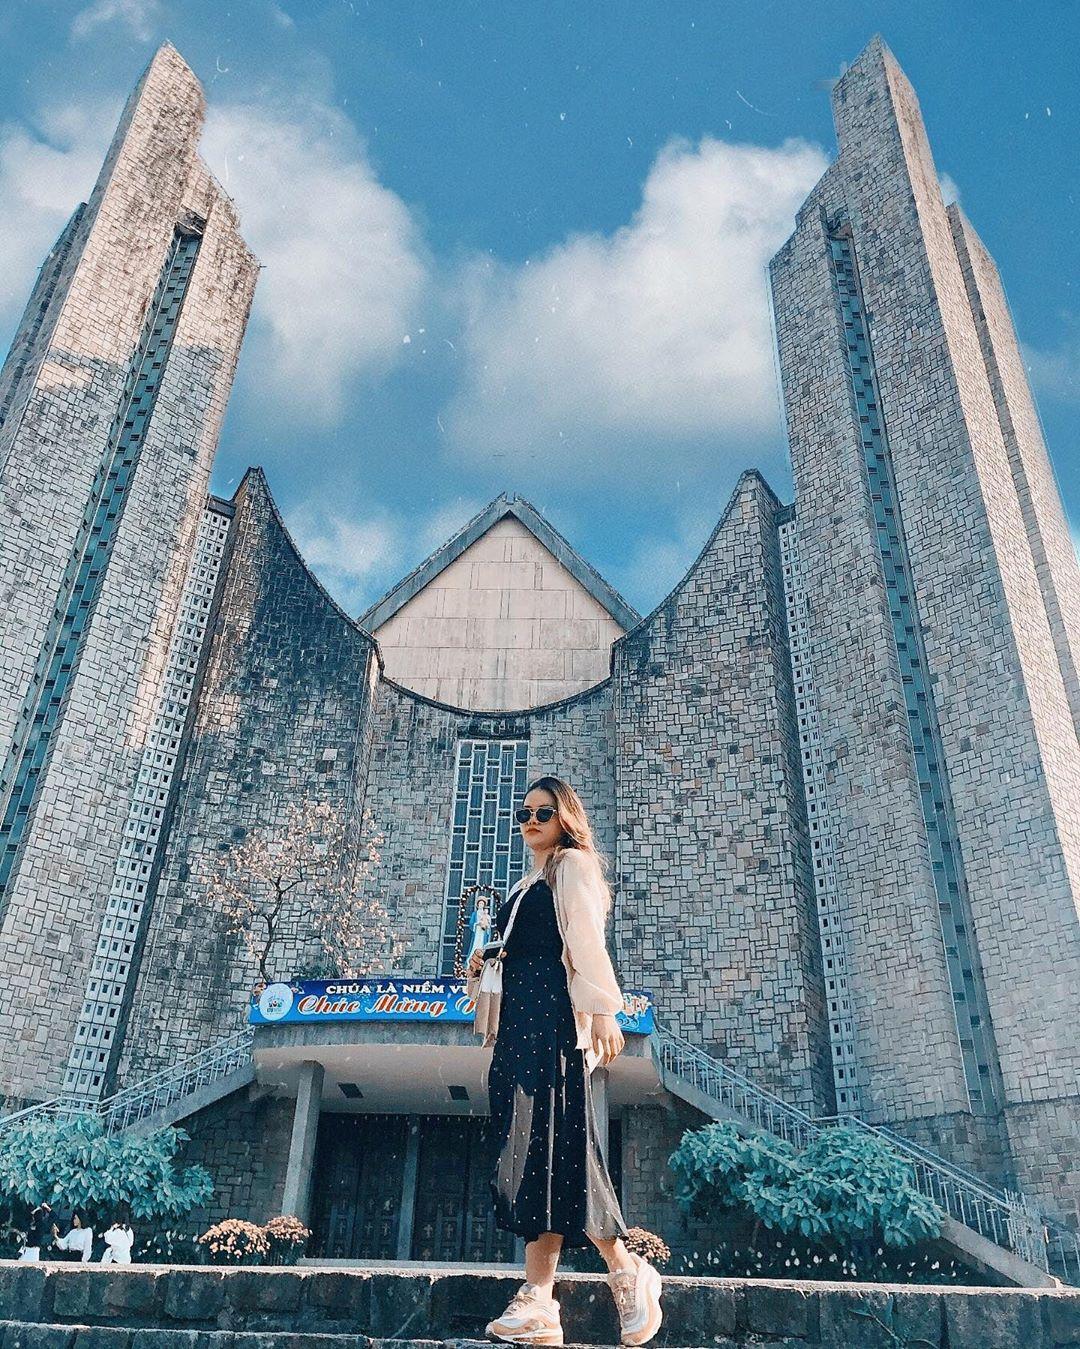 Tour du lịch Huế từ Đà Nẵng: Hè chao nghiêng cùng những gói tour đầy hấp dẫn  - Ảnh 18.